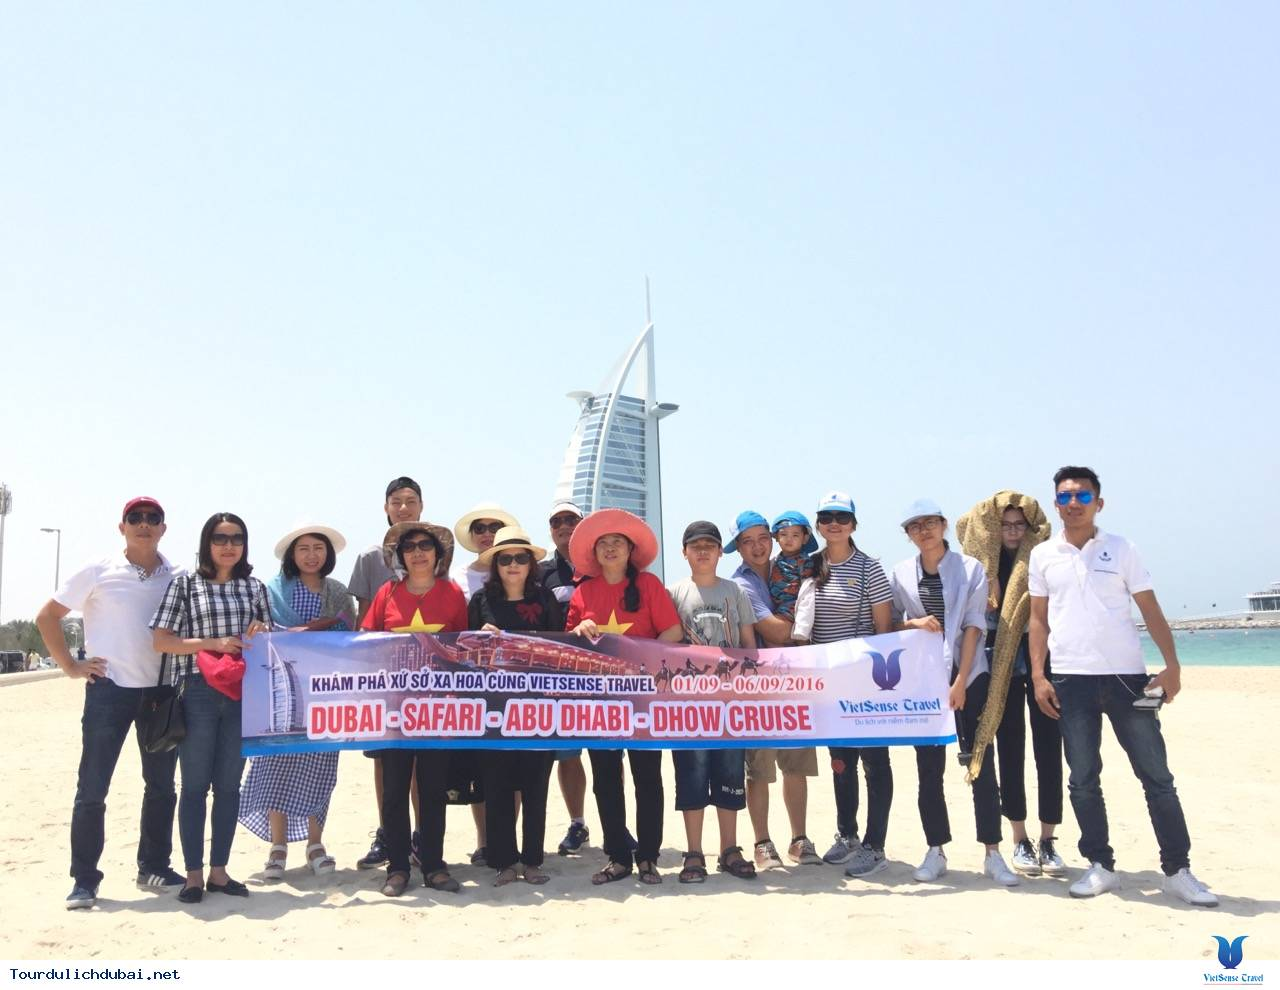 Đoàn Dubai 02/09/2016 ,doan dubai 02092016